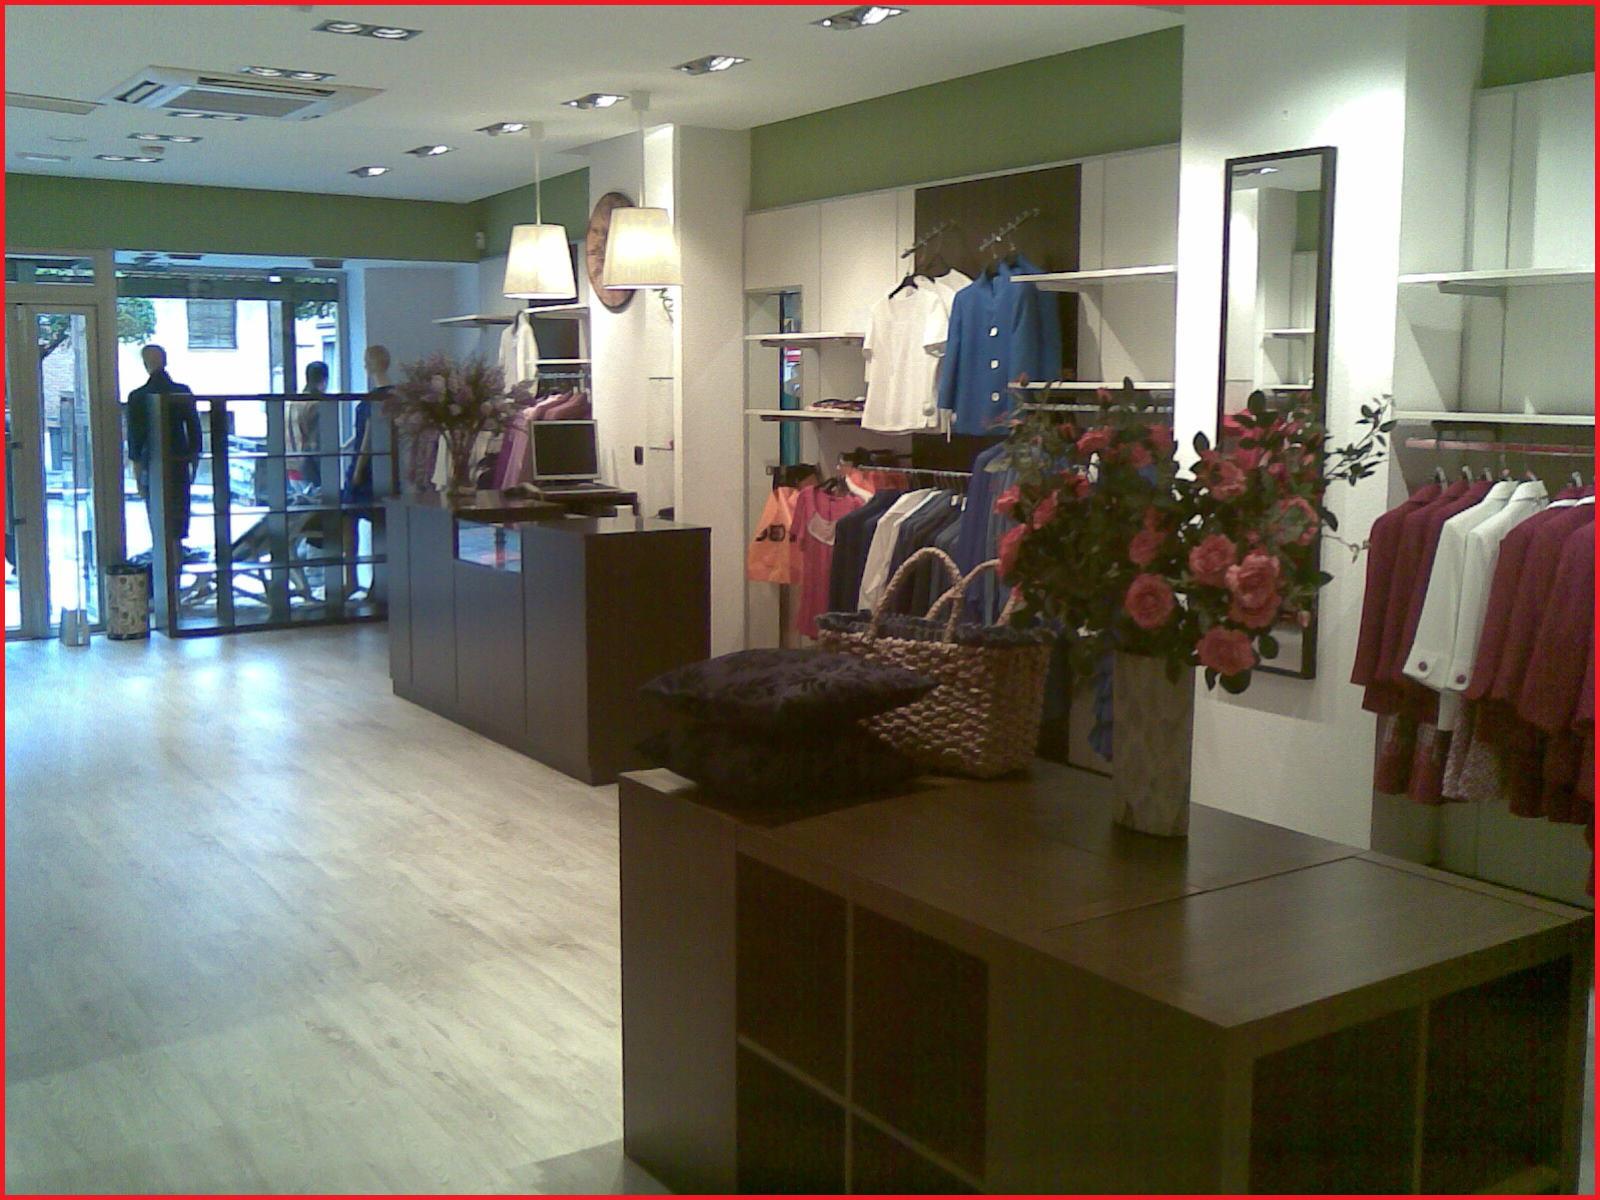 Mobiliario Tienda Ropa Segunda Mano Whdr Muebles Tienda Ropa Venta Mobiliario Tienda Ropa Con Muebles